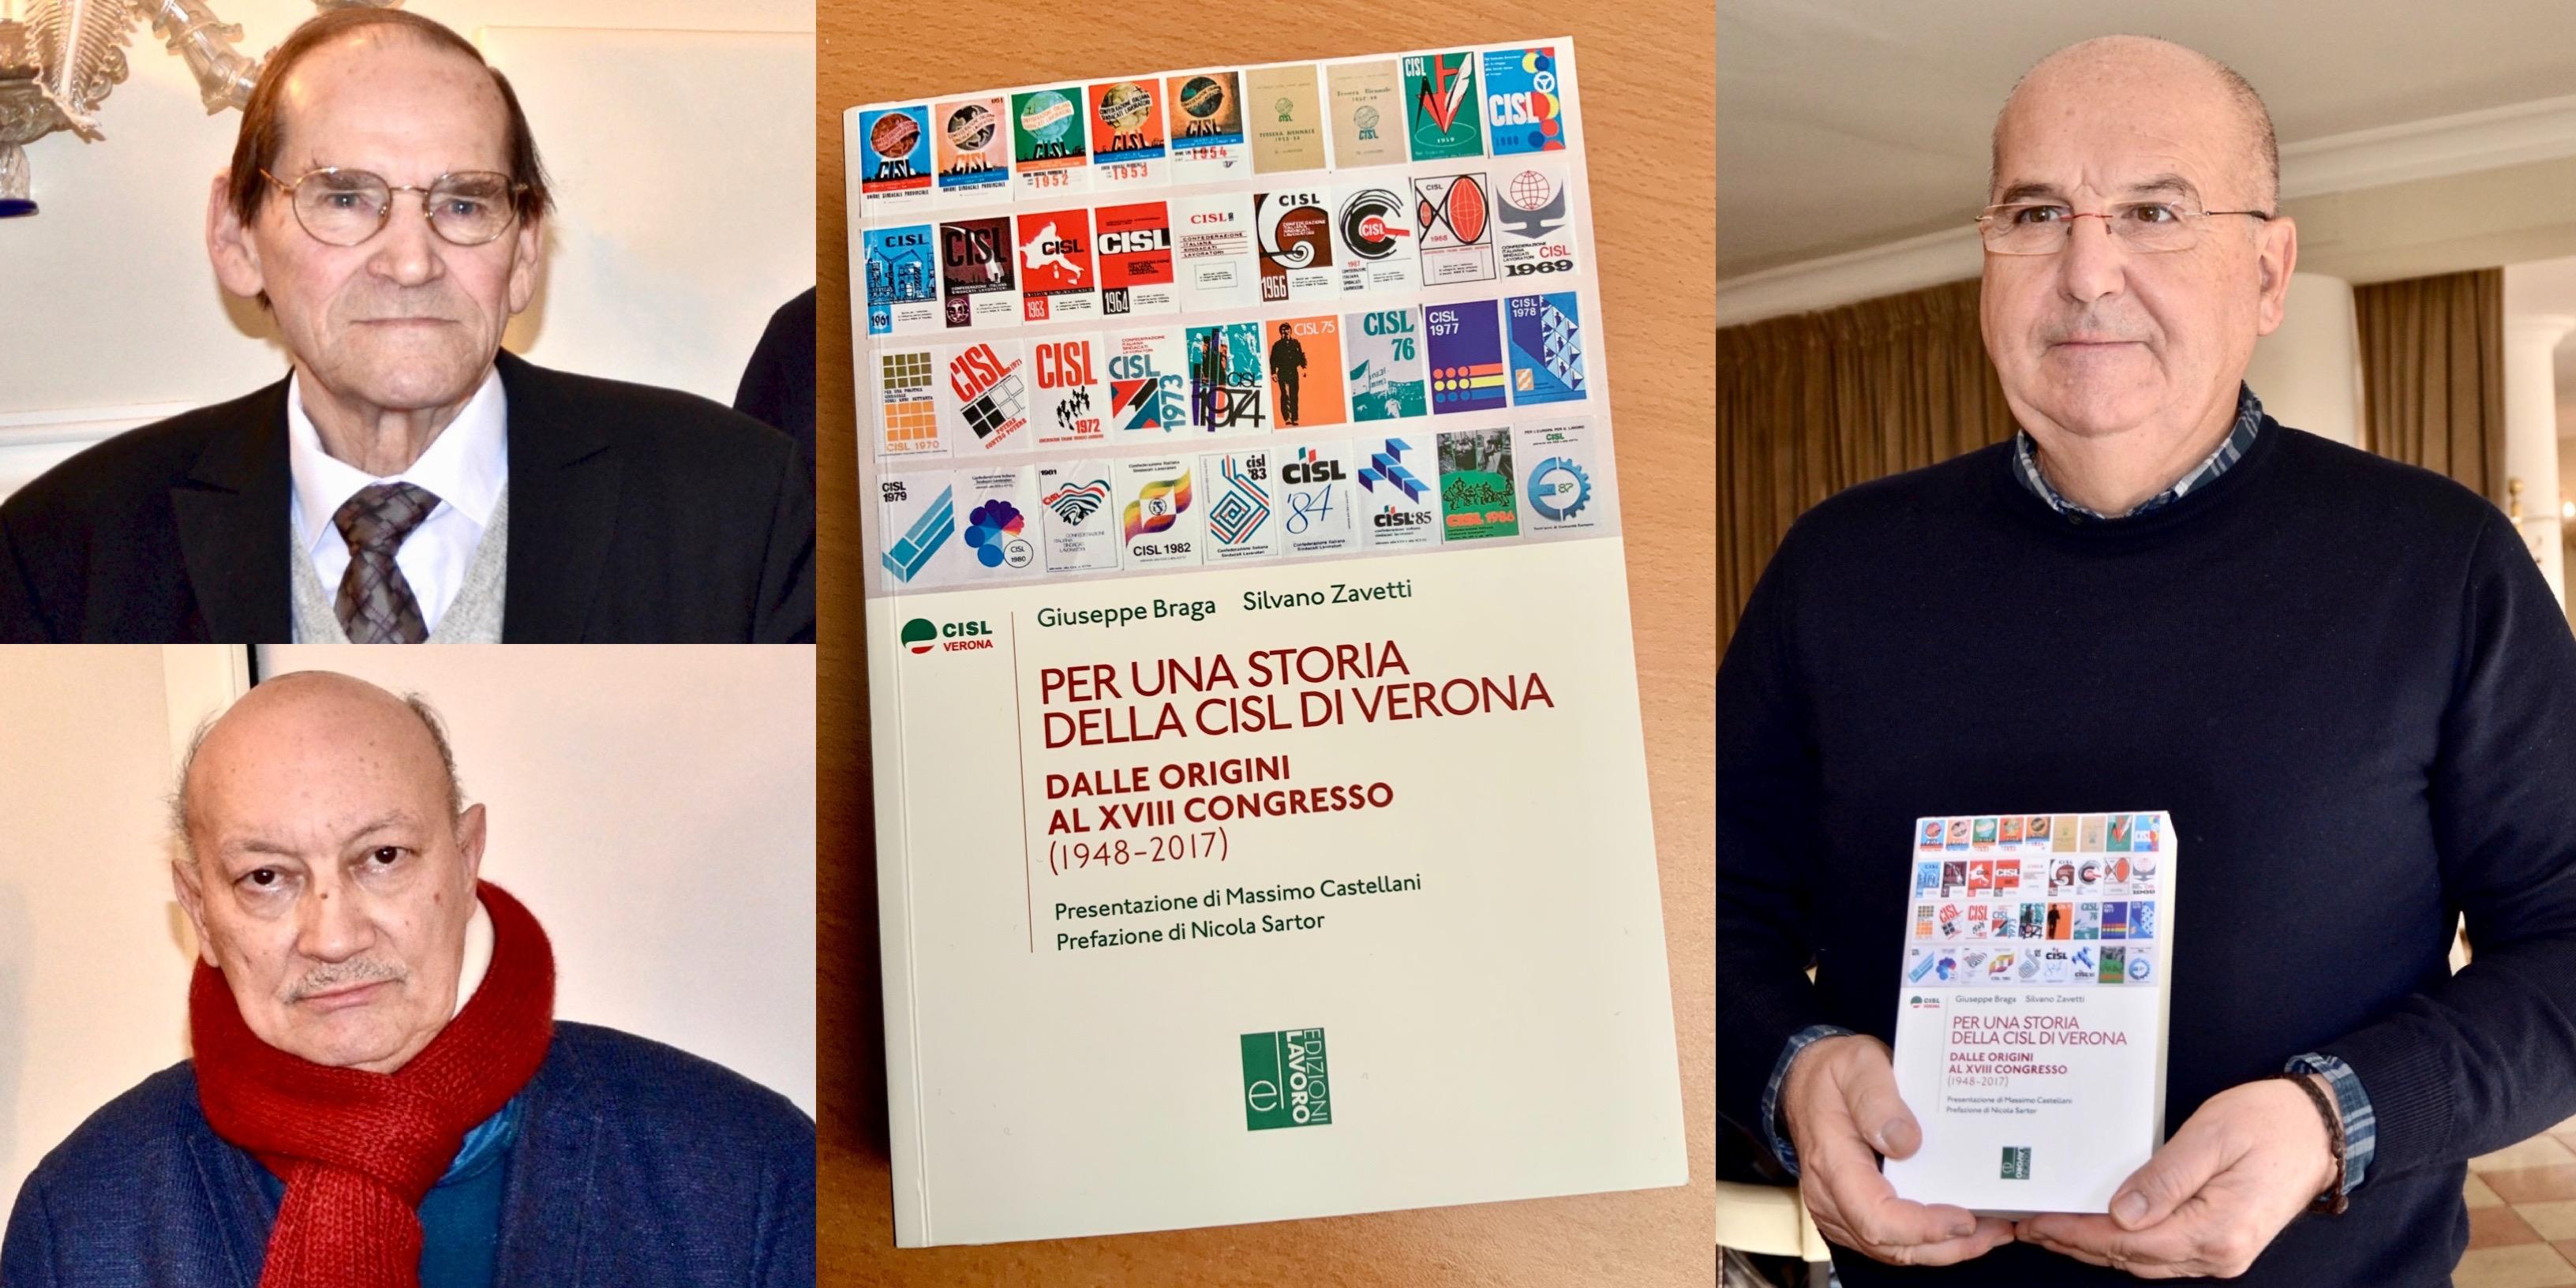 """CISL. IL SINDACATO SI RACCONTA NEL LIBRO DI BRAGA E ZAVETTI: """"PER UNA STORIA DELLA CISL DI VERONA"""" 1948-2017."""